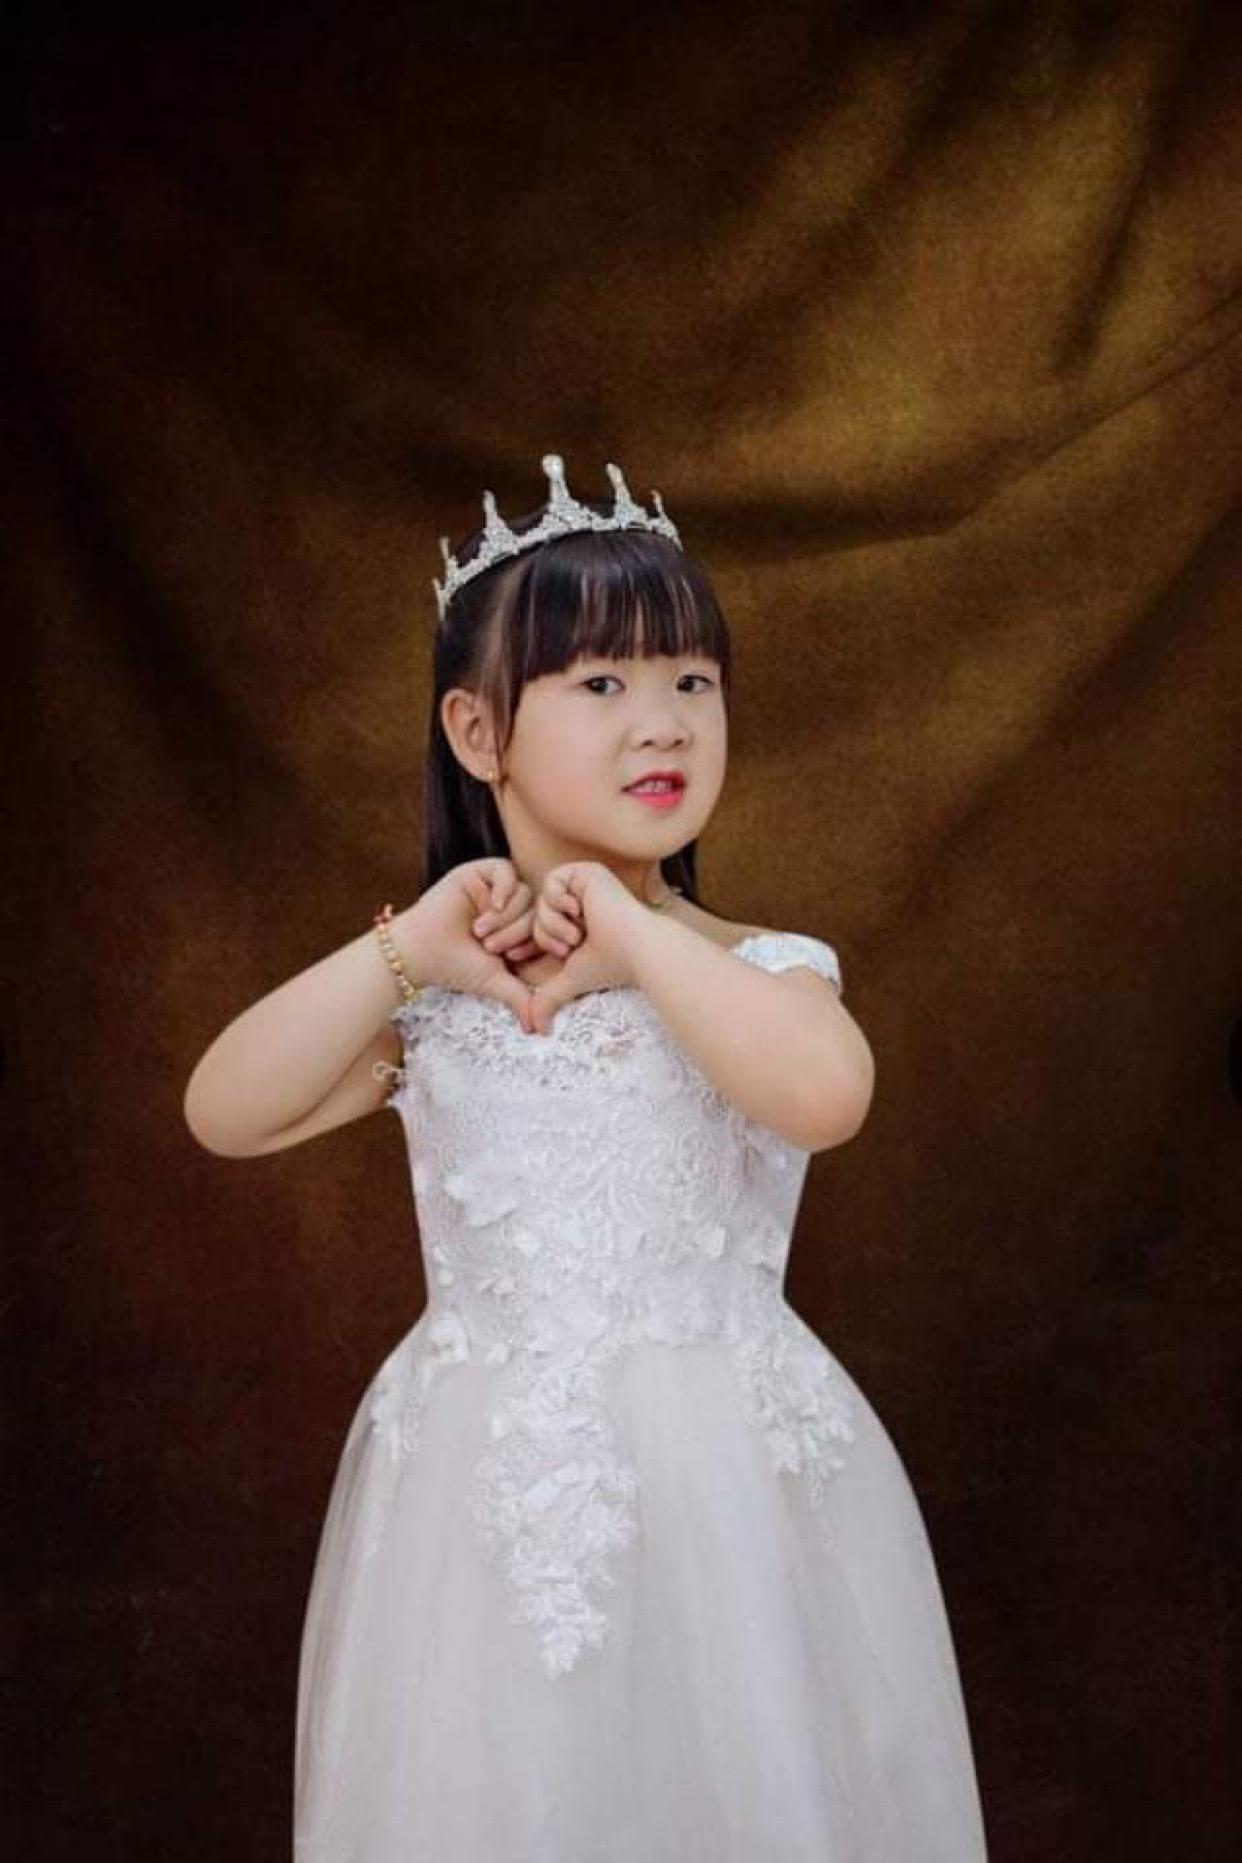 97ffec12 7ecf 45d1 beea f170fab95822 16322312881291542229194 Tan chảy với những nàng công chúa tí hon siêu đáng yêu